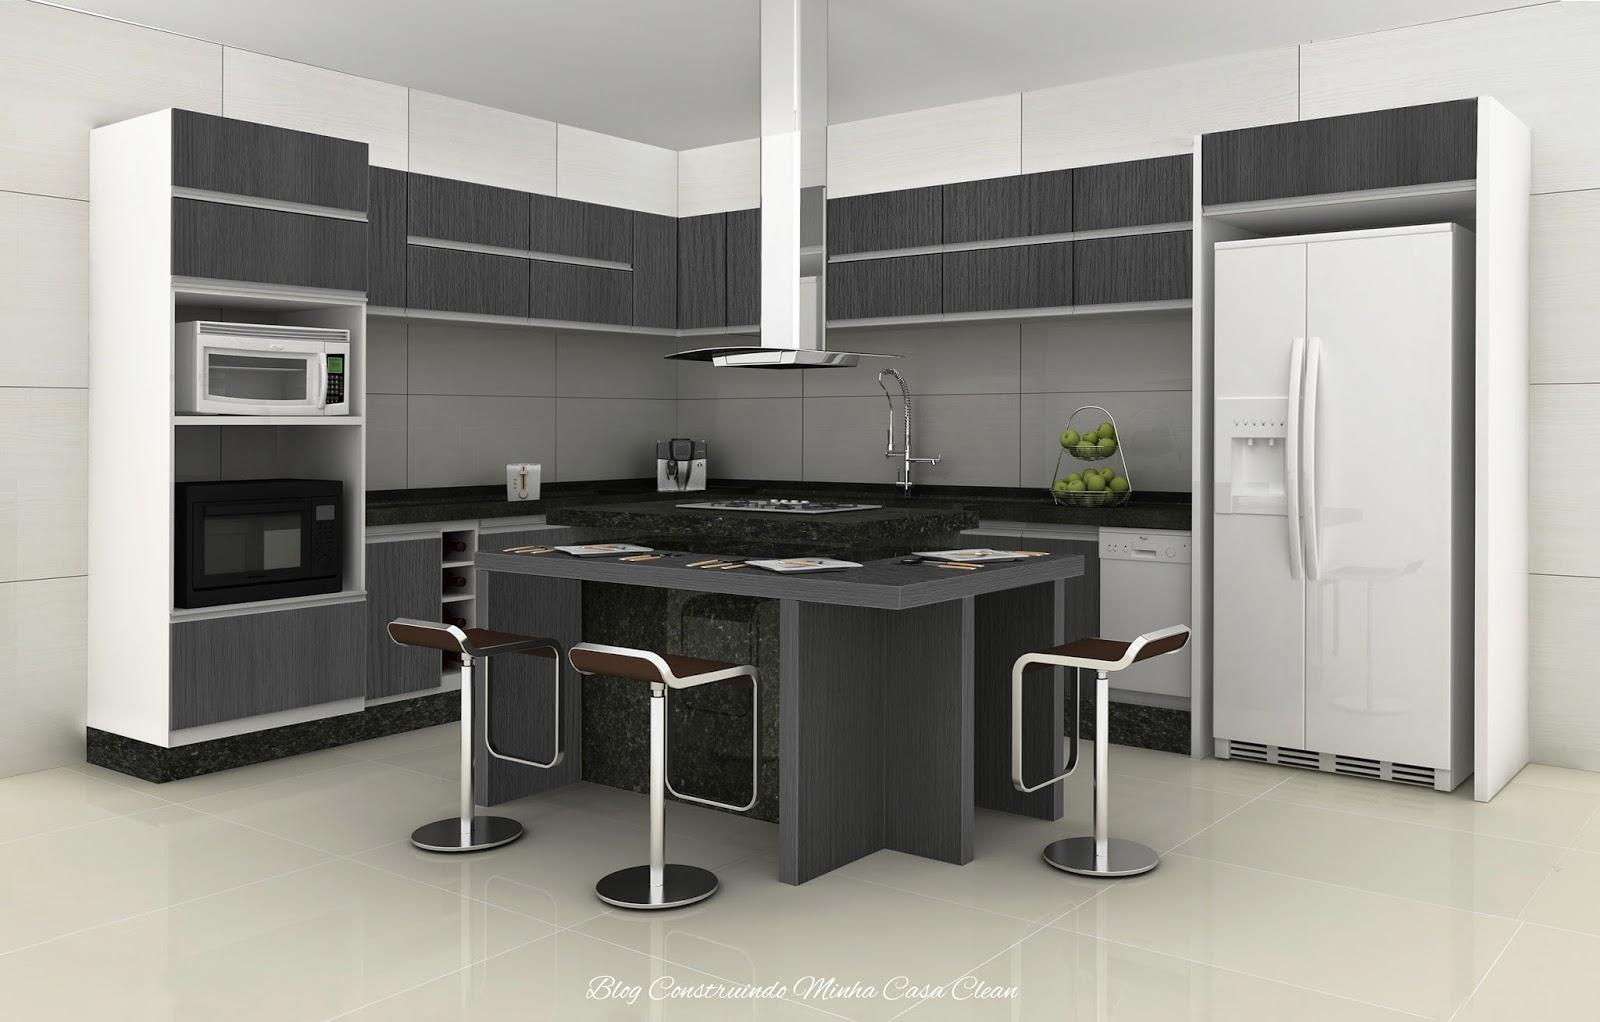 Más de 1000 ideas sobre Cozinha Modulada en Pinterest Cozinha  #50593D 1600 1022